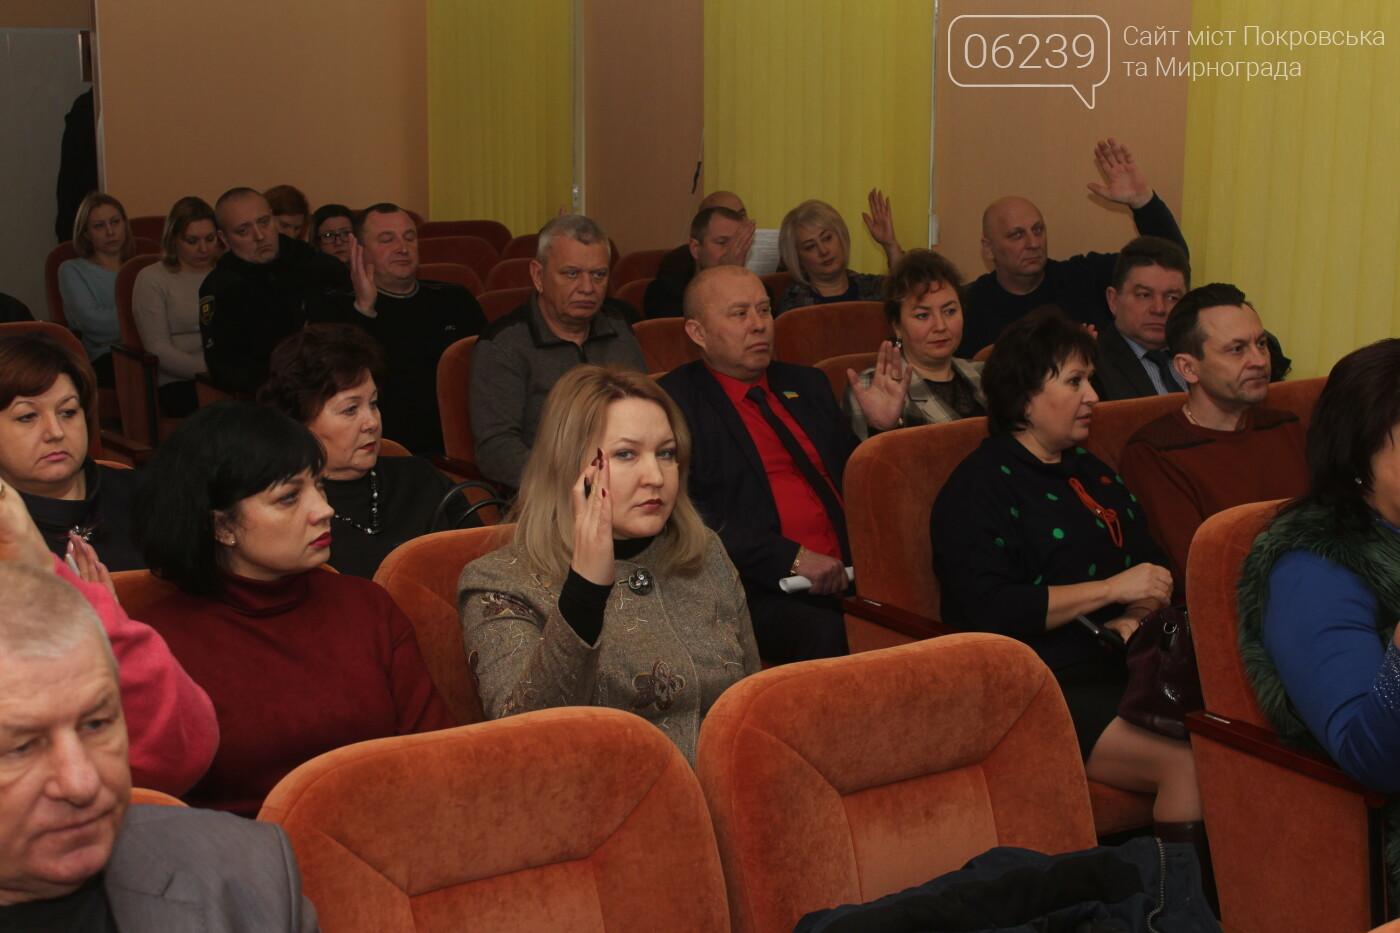 В прошлом году в Мирнограде увеличилось количество смертей во время пожаров , фото-1